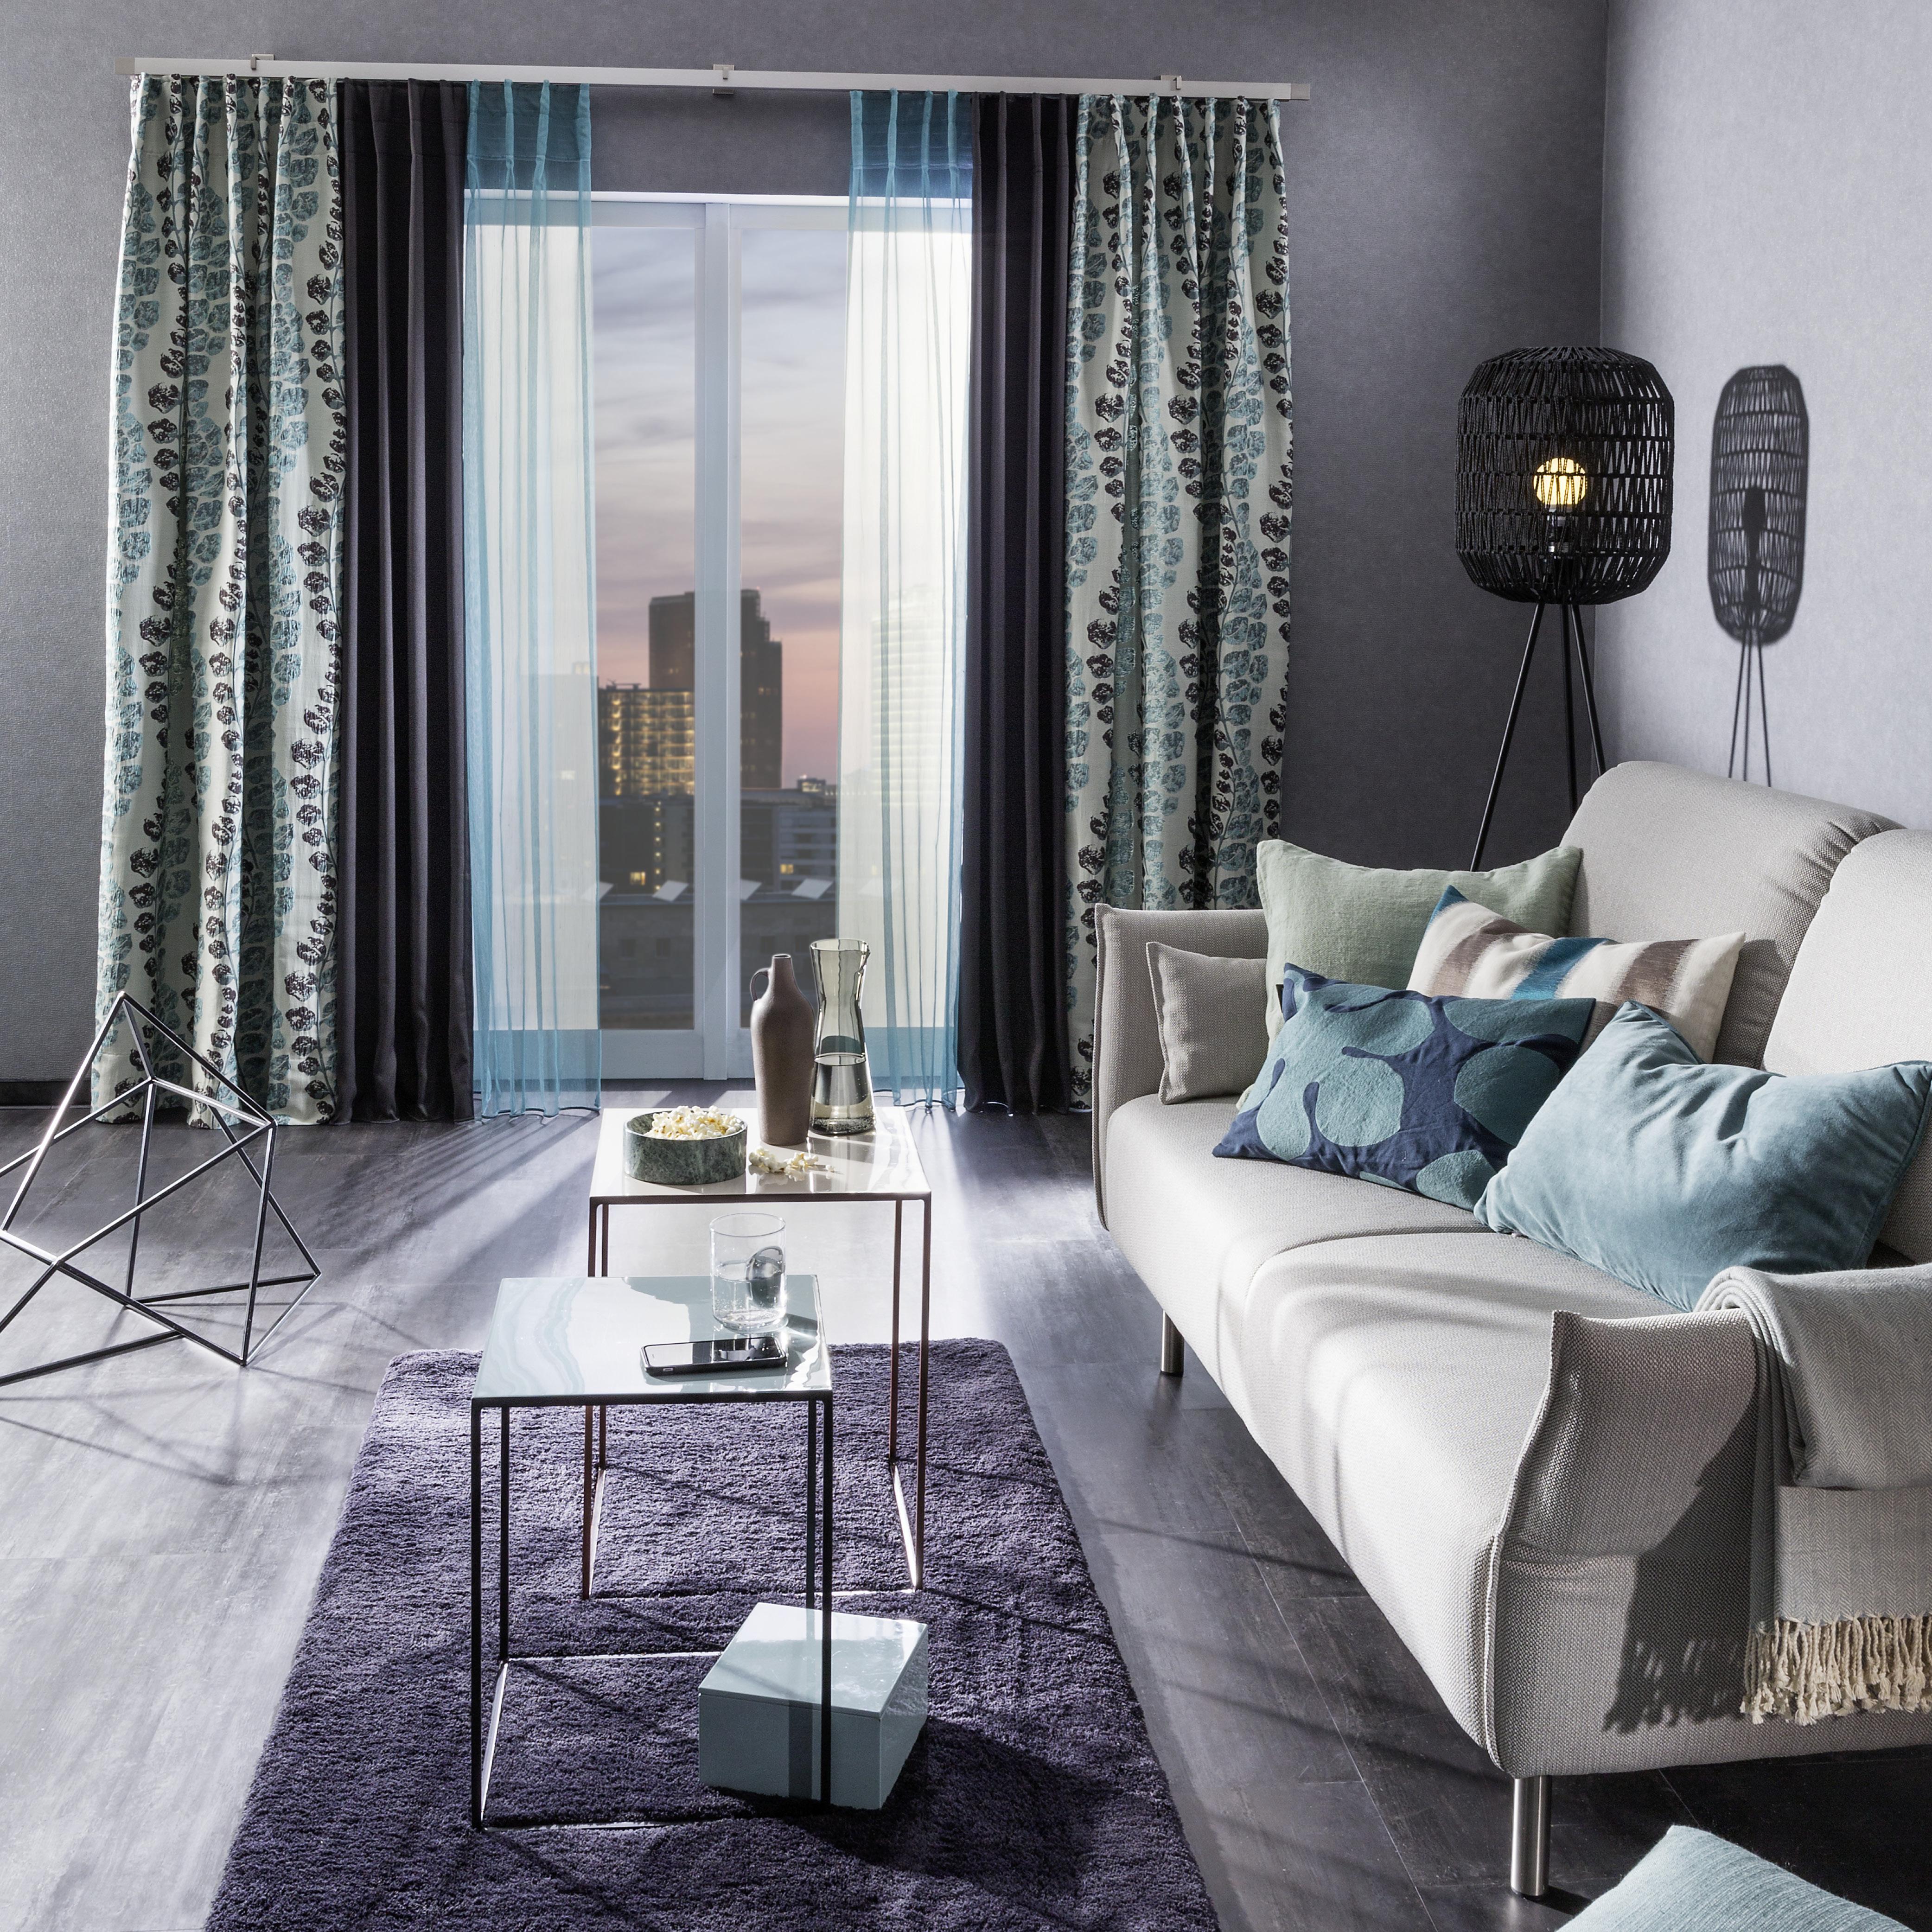 Coole Farben Füru0027s Wohnzimmer #bodenbelag #beistelltisch ©SÜDBUND EG